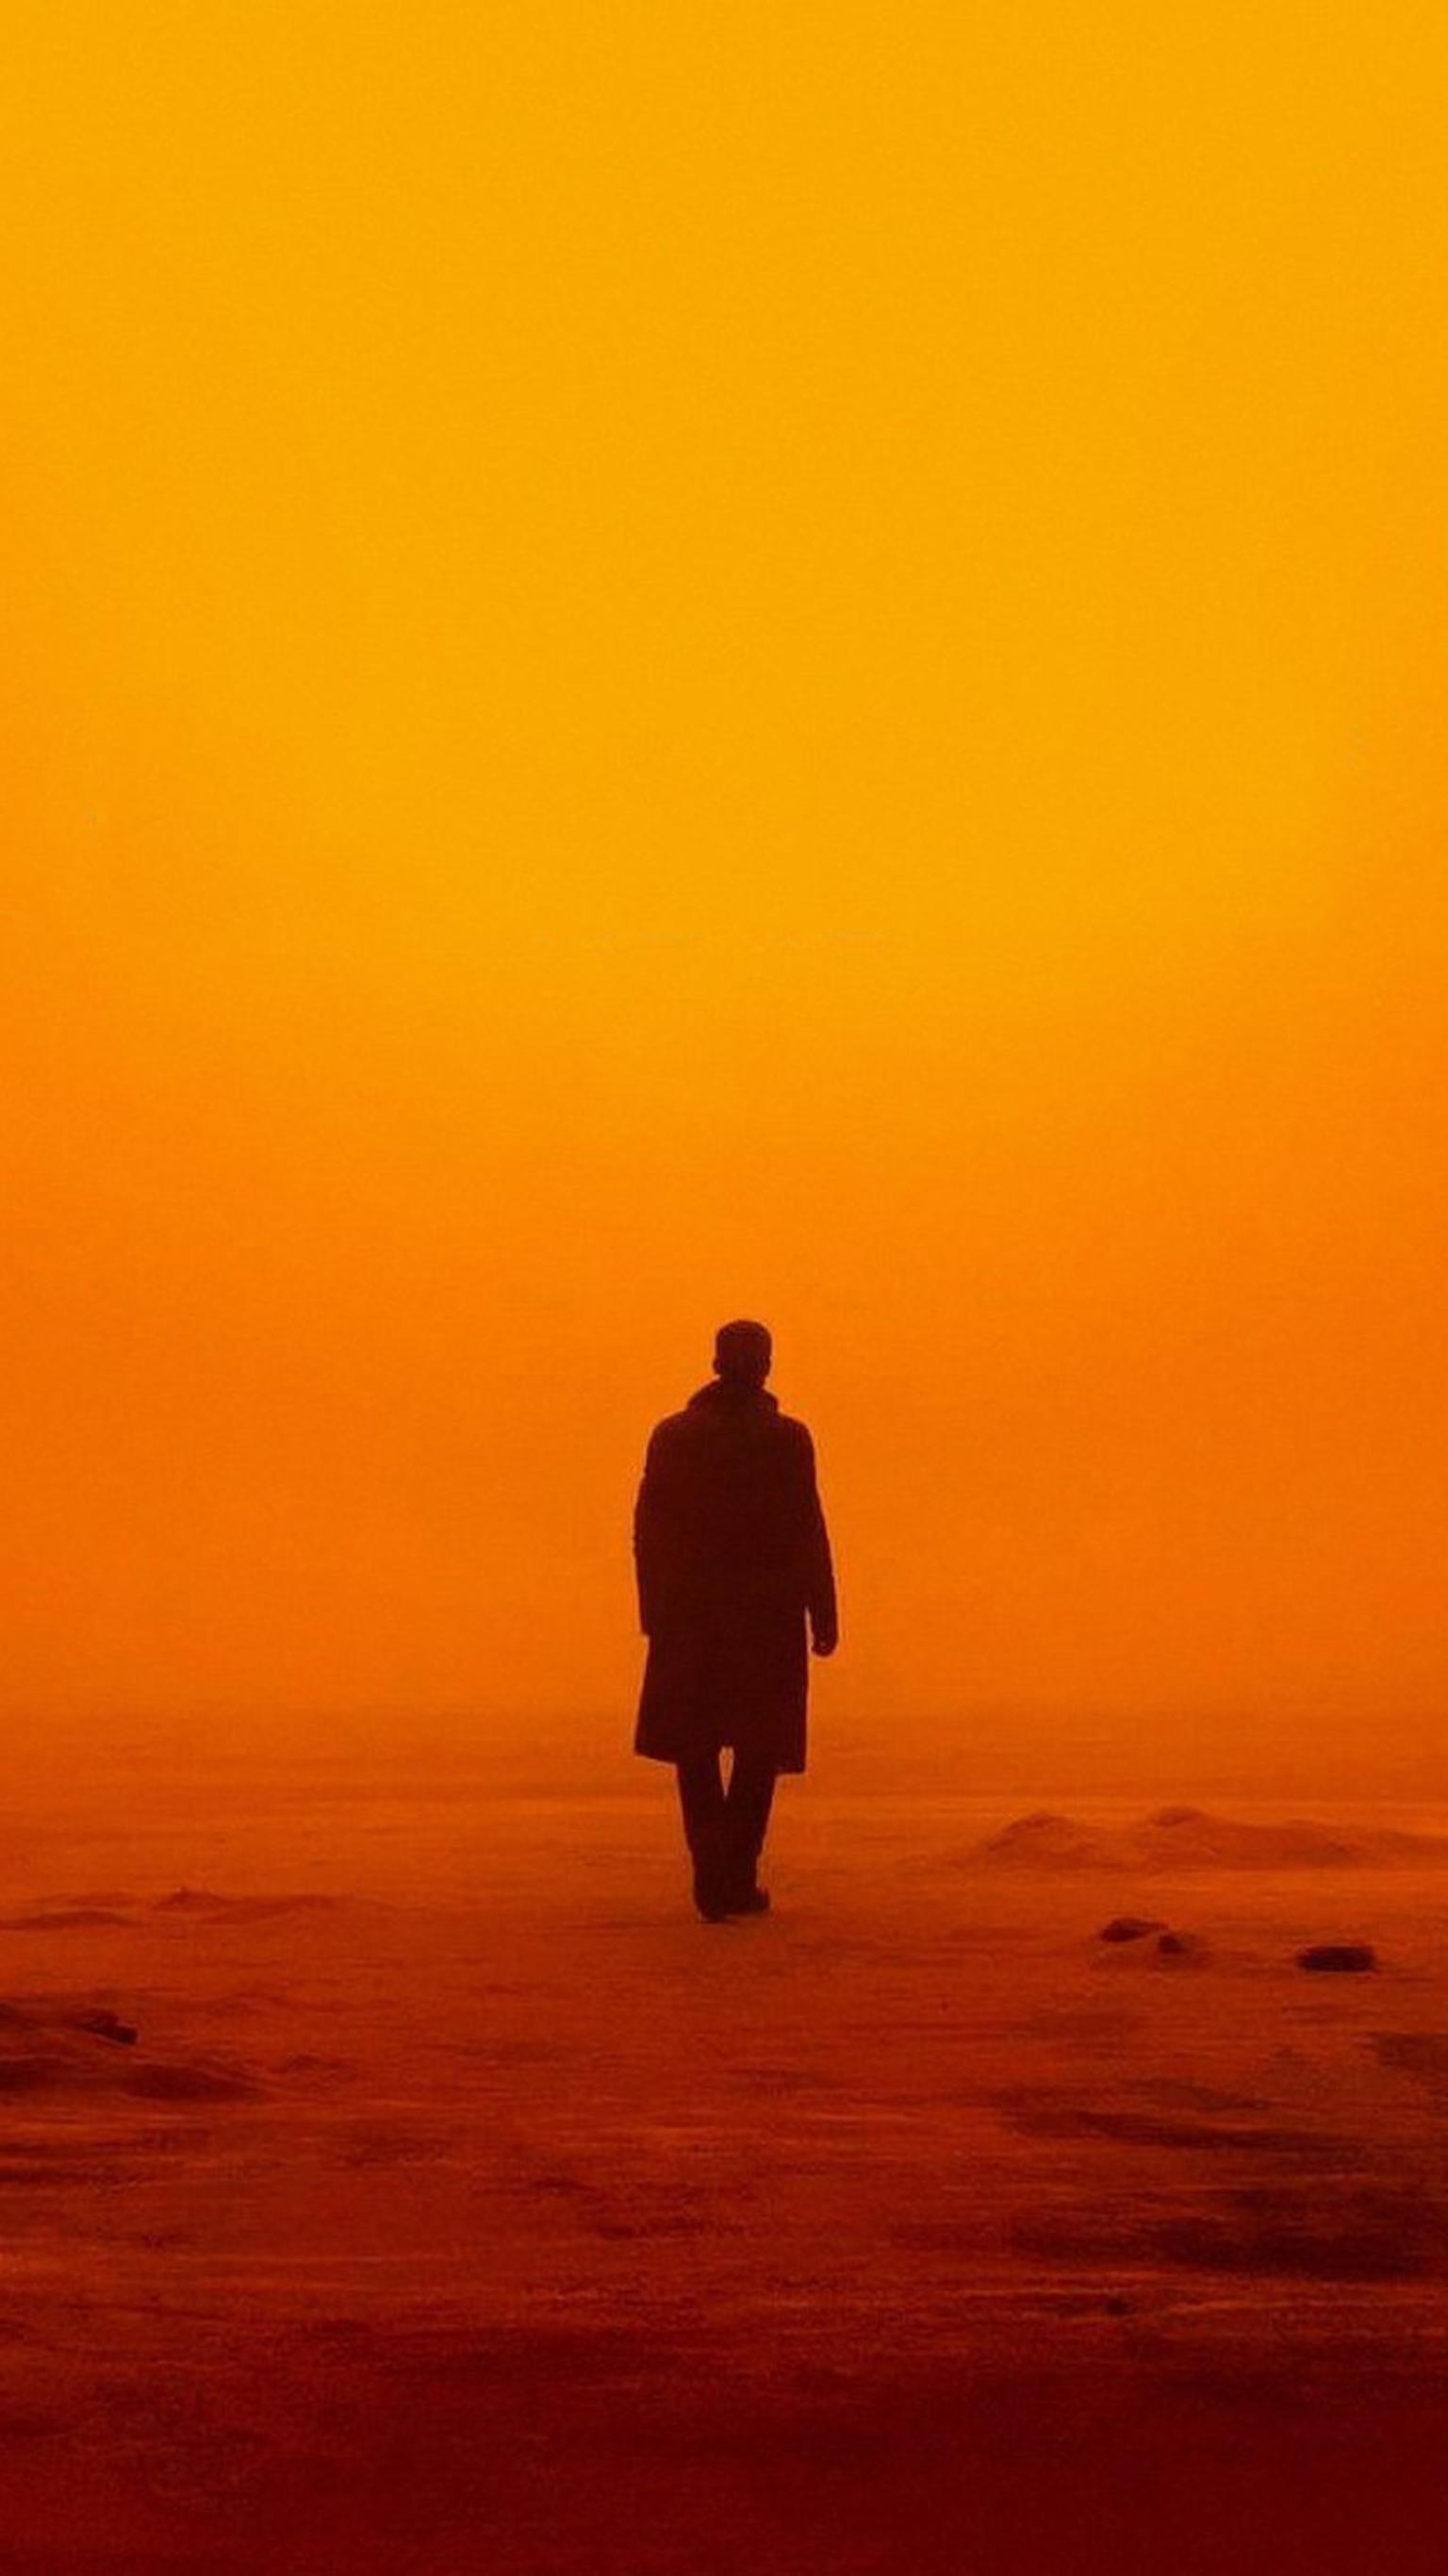 Blade Runner Wallpapers Top Free Blade Runner Backgrounds Wallpaperaccess